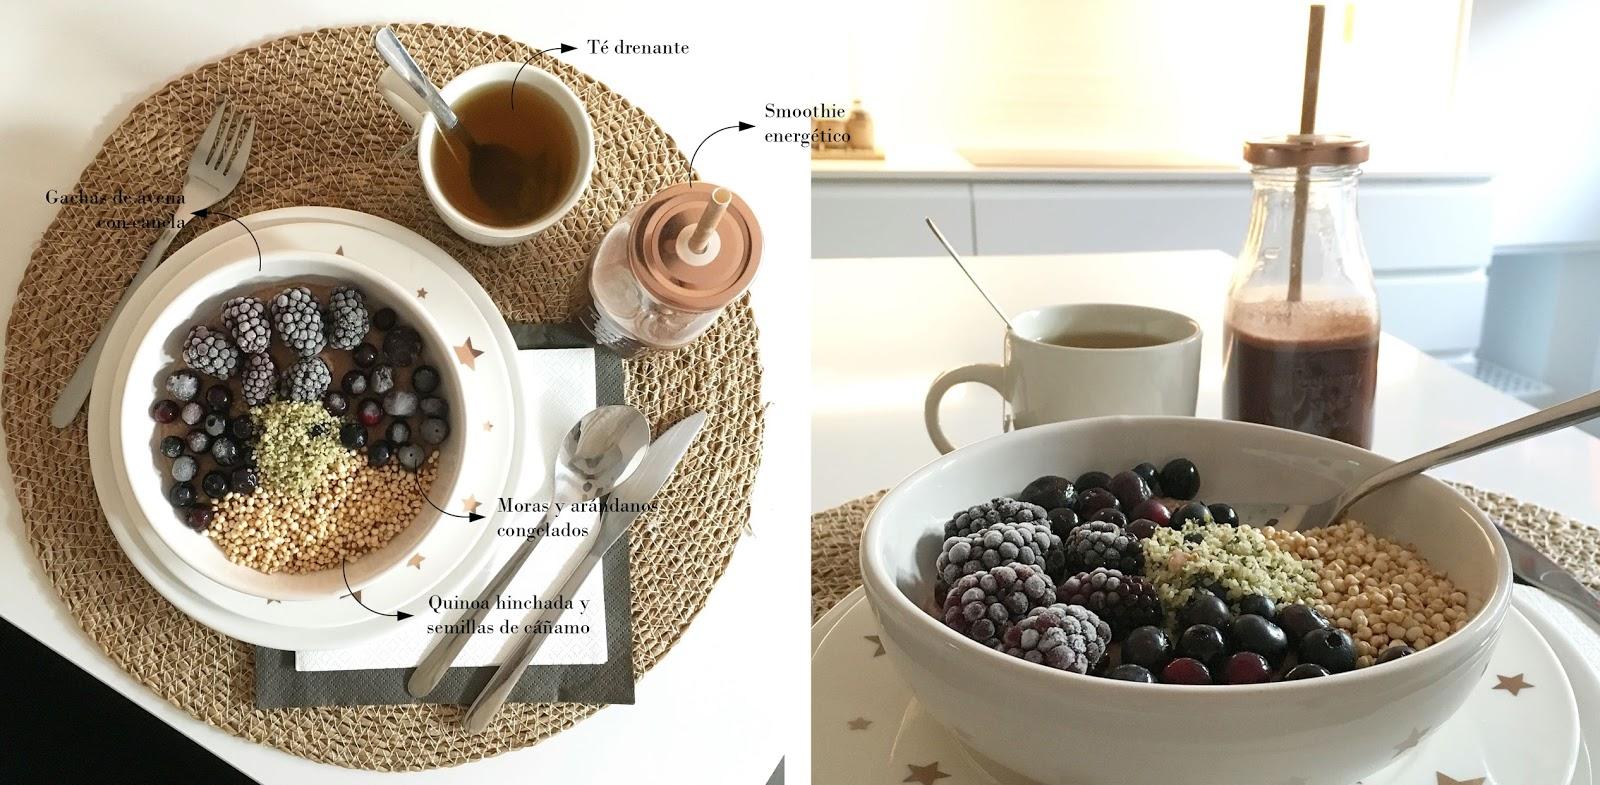 Desayuno pre-entreno con gachas de avena